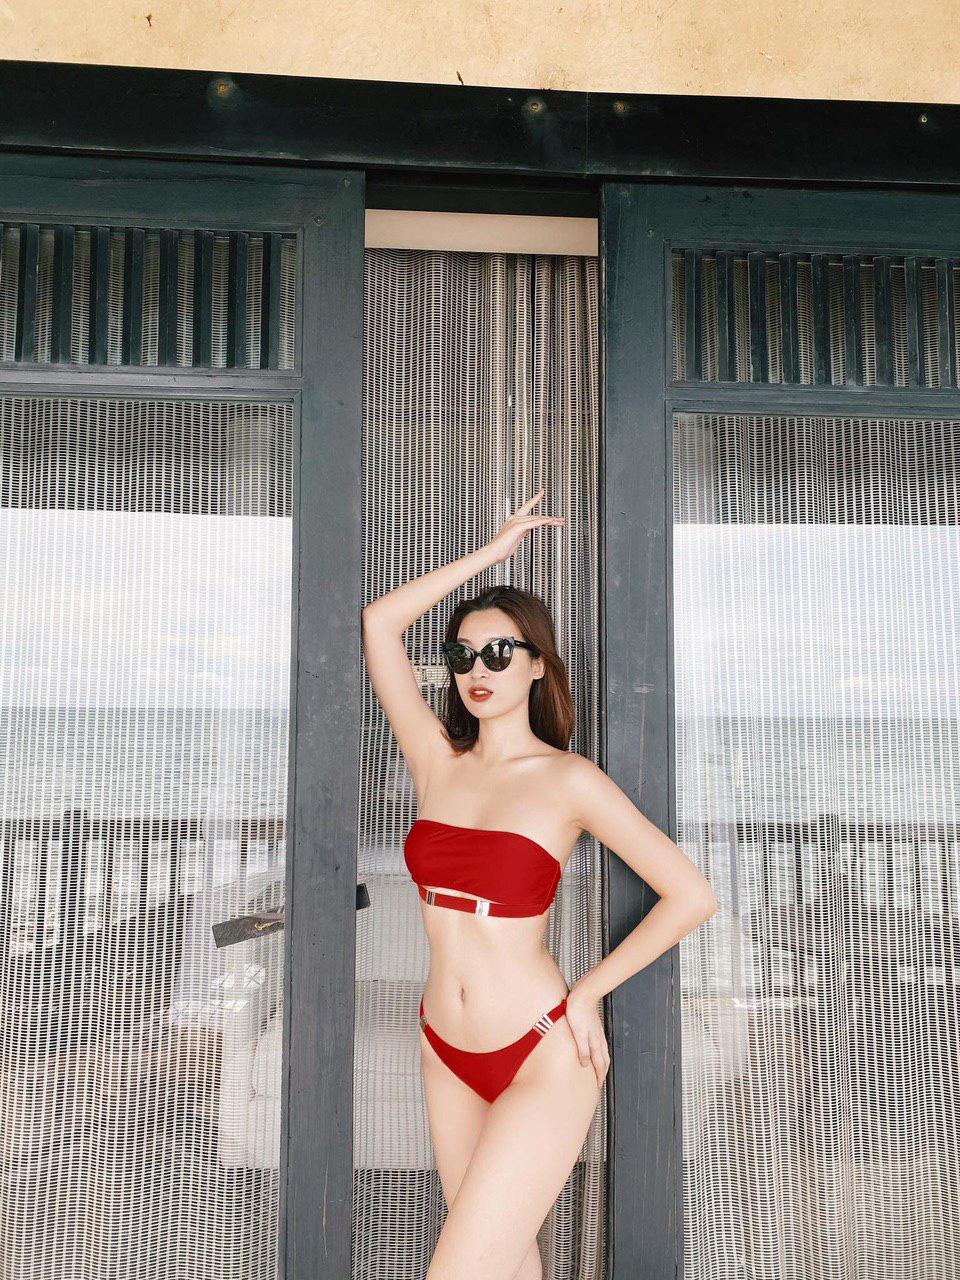 """Đỗ Mỹ Linh hiếm hoi mặc bikini quyến rũ hút mắt khiến dân mạng """"thổn thức"""" - Ảnh 4."""